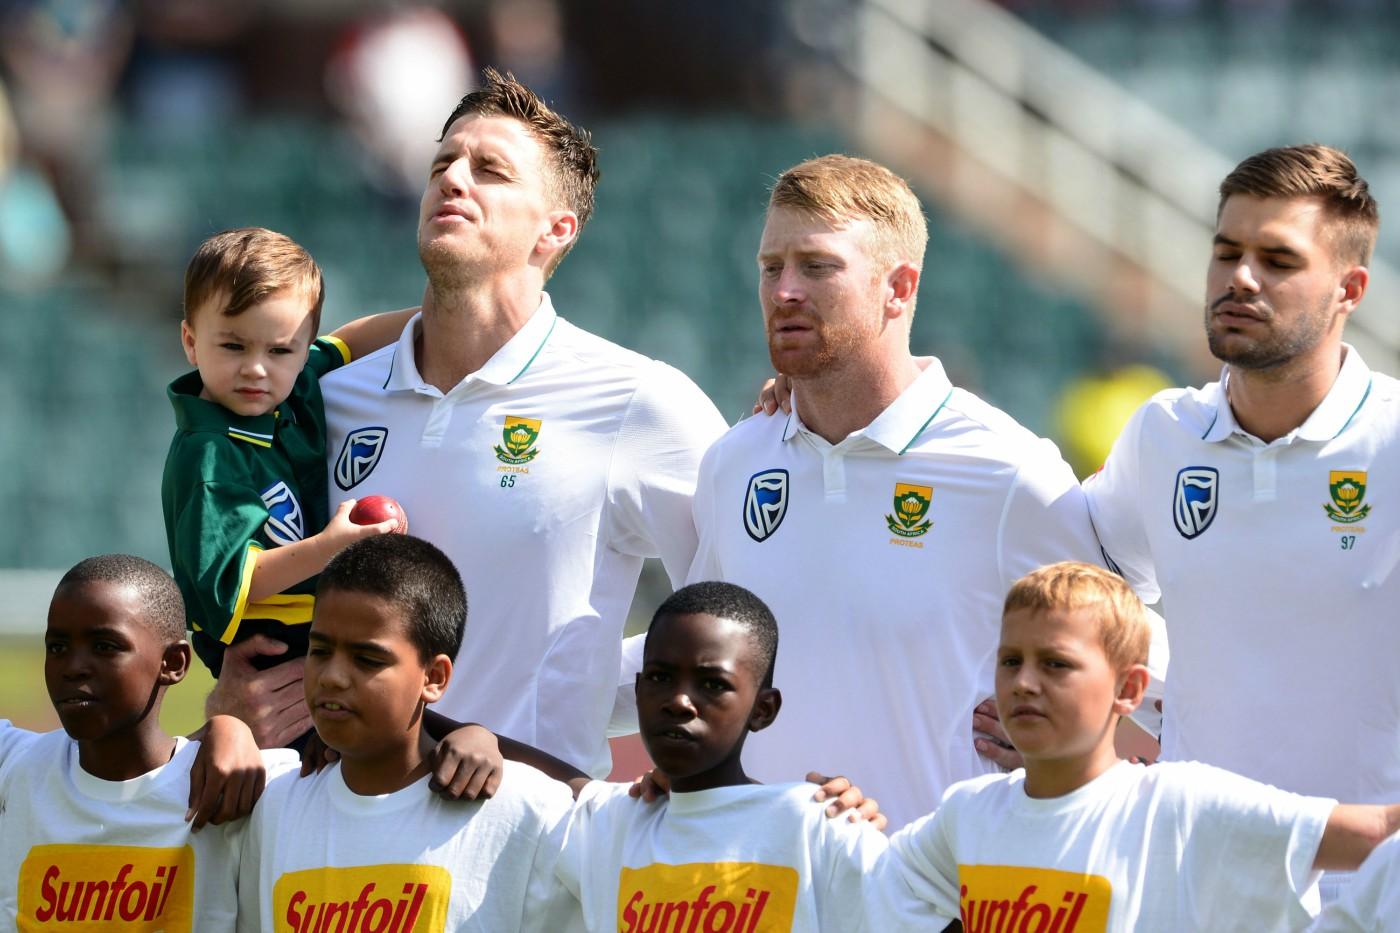 दक्षिण अफ्रीका क्रिकेट में हुआ एक युग का अंत, दिग्गज तेज गेंदबाज मोर्ने मोर्केल ने कहा नम आंखों से क्रिकेट को अलविदा